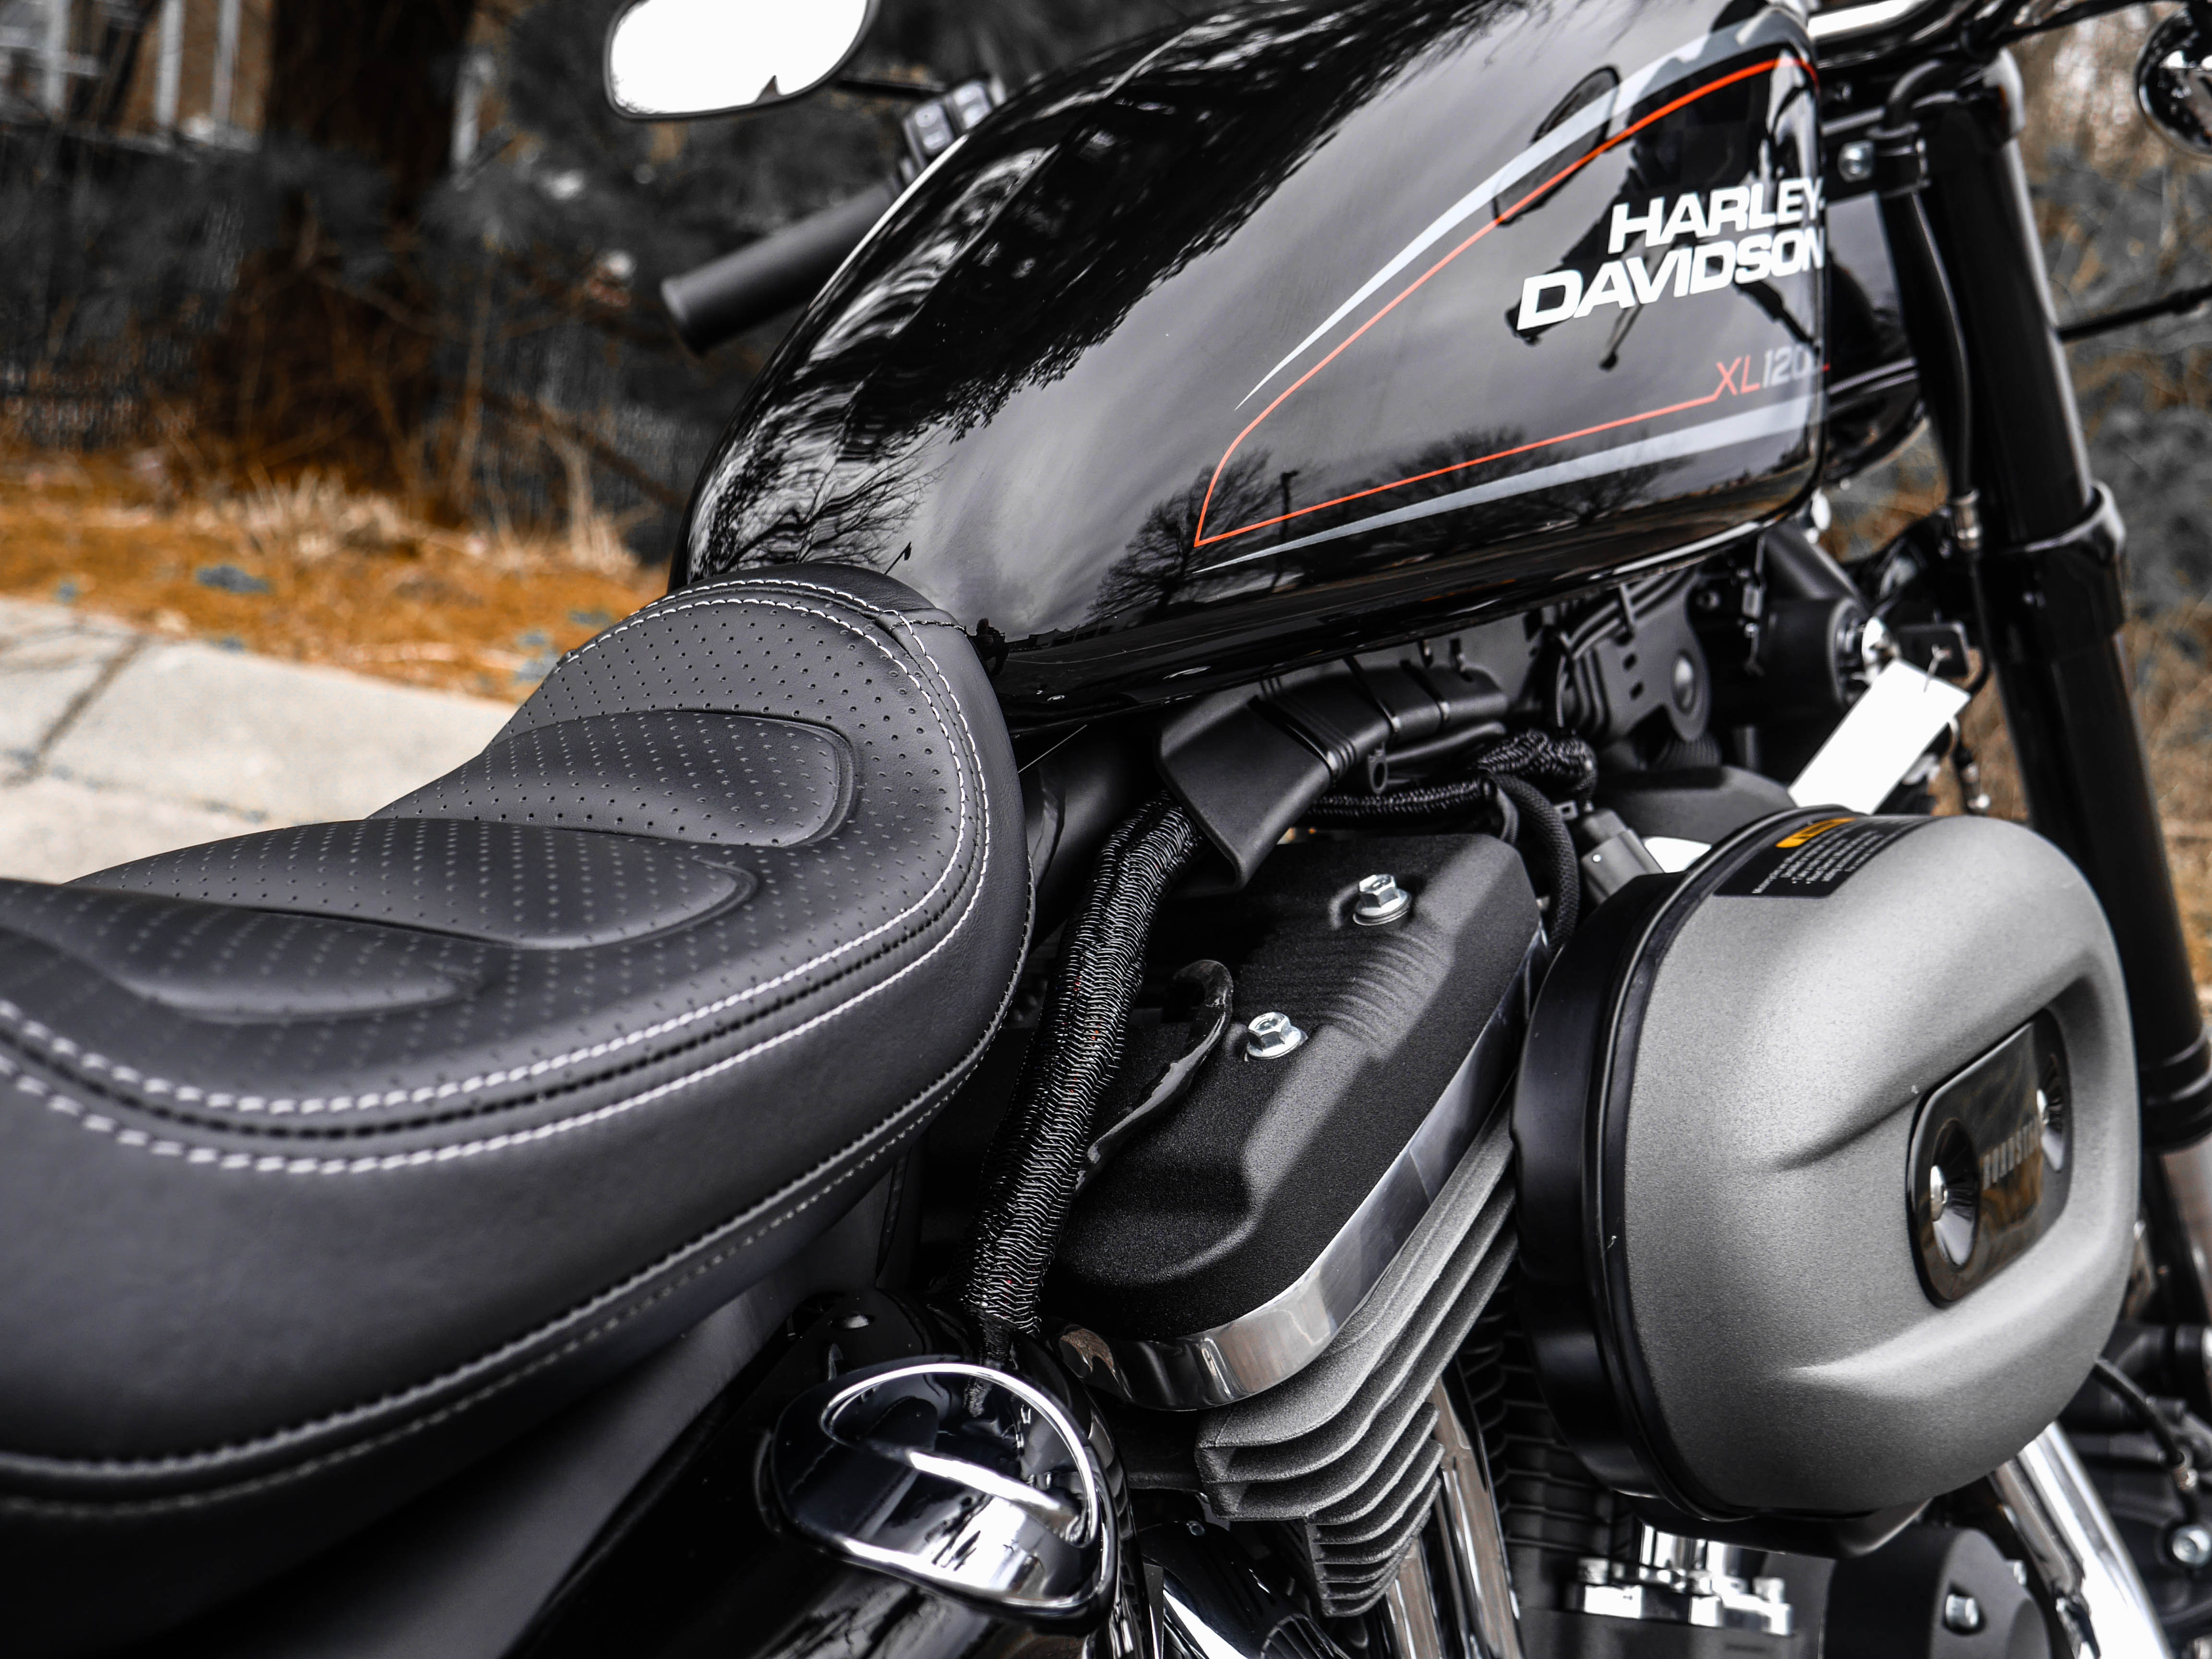 New 2019 Harley-Davidson Roadster Roadster